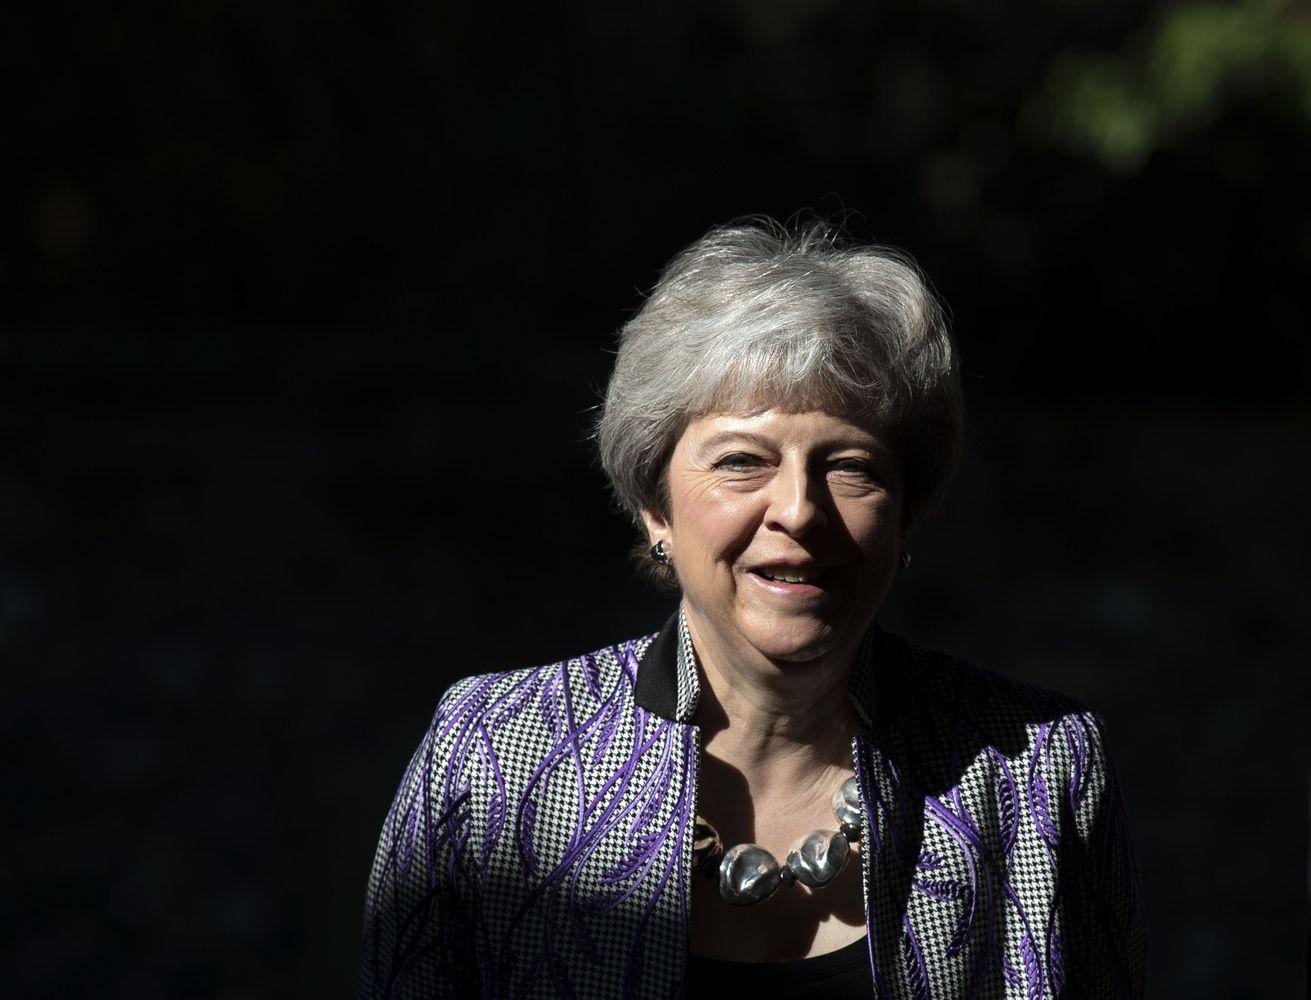 """Derybų dėl """"Brexit"""" įkaršyje vėl svyruoja Th. May postas"""